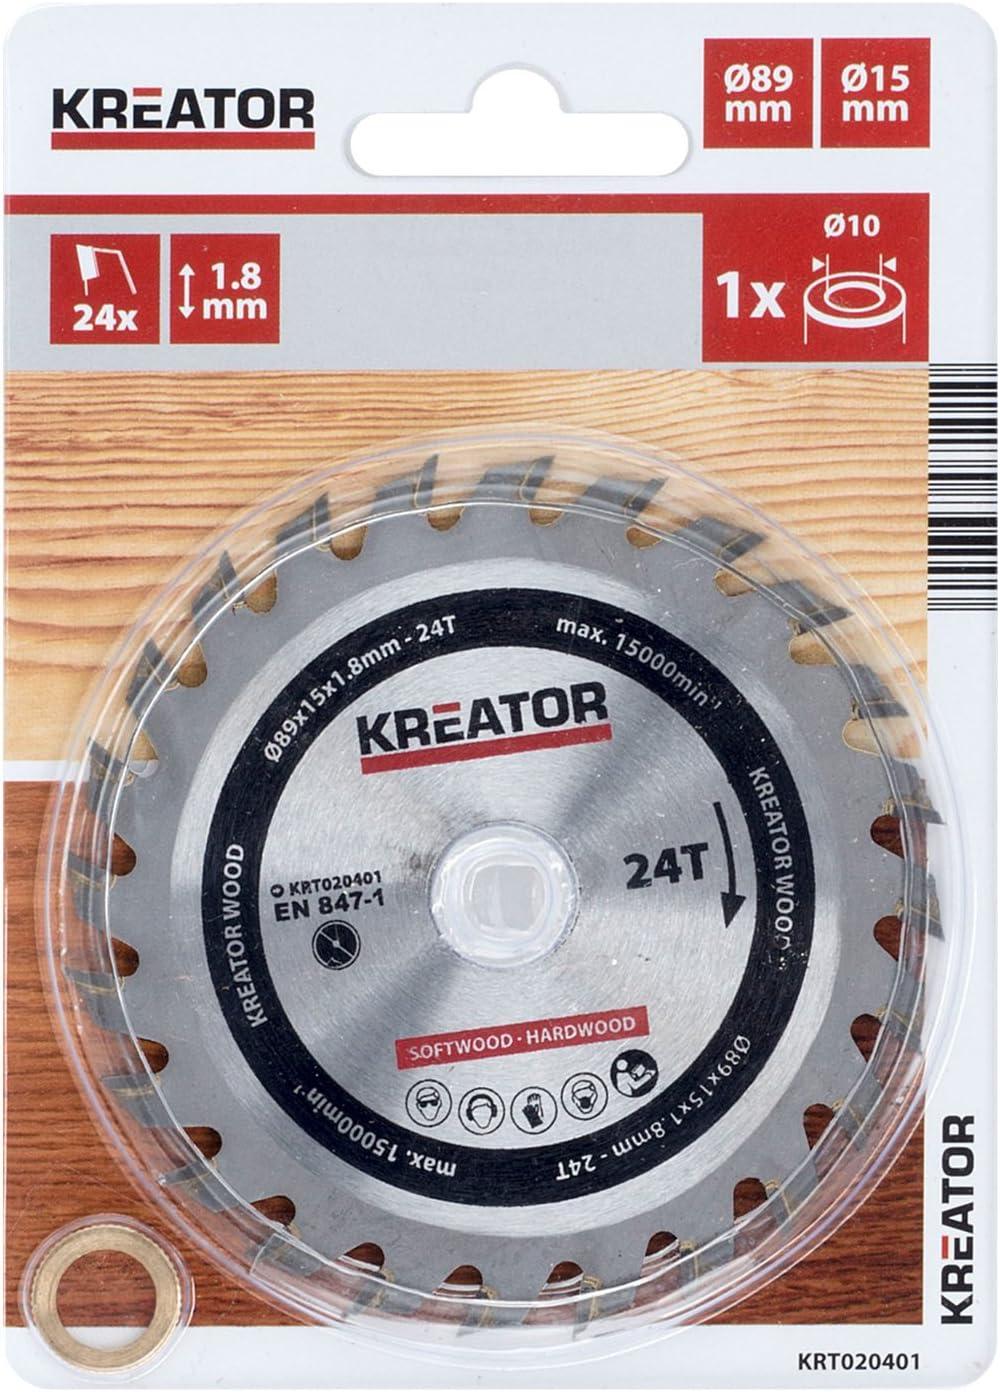 KREATOR KRT020401 KRT020401-Disco von Sierra Madera 89 mm24d